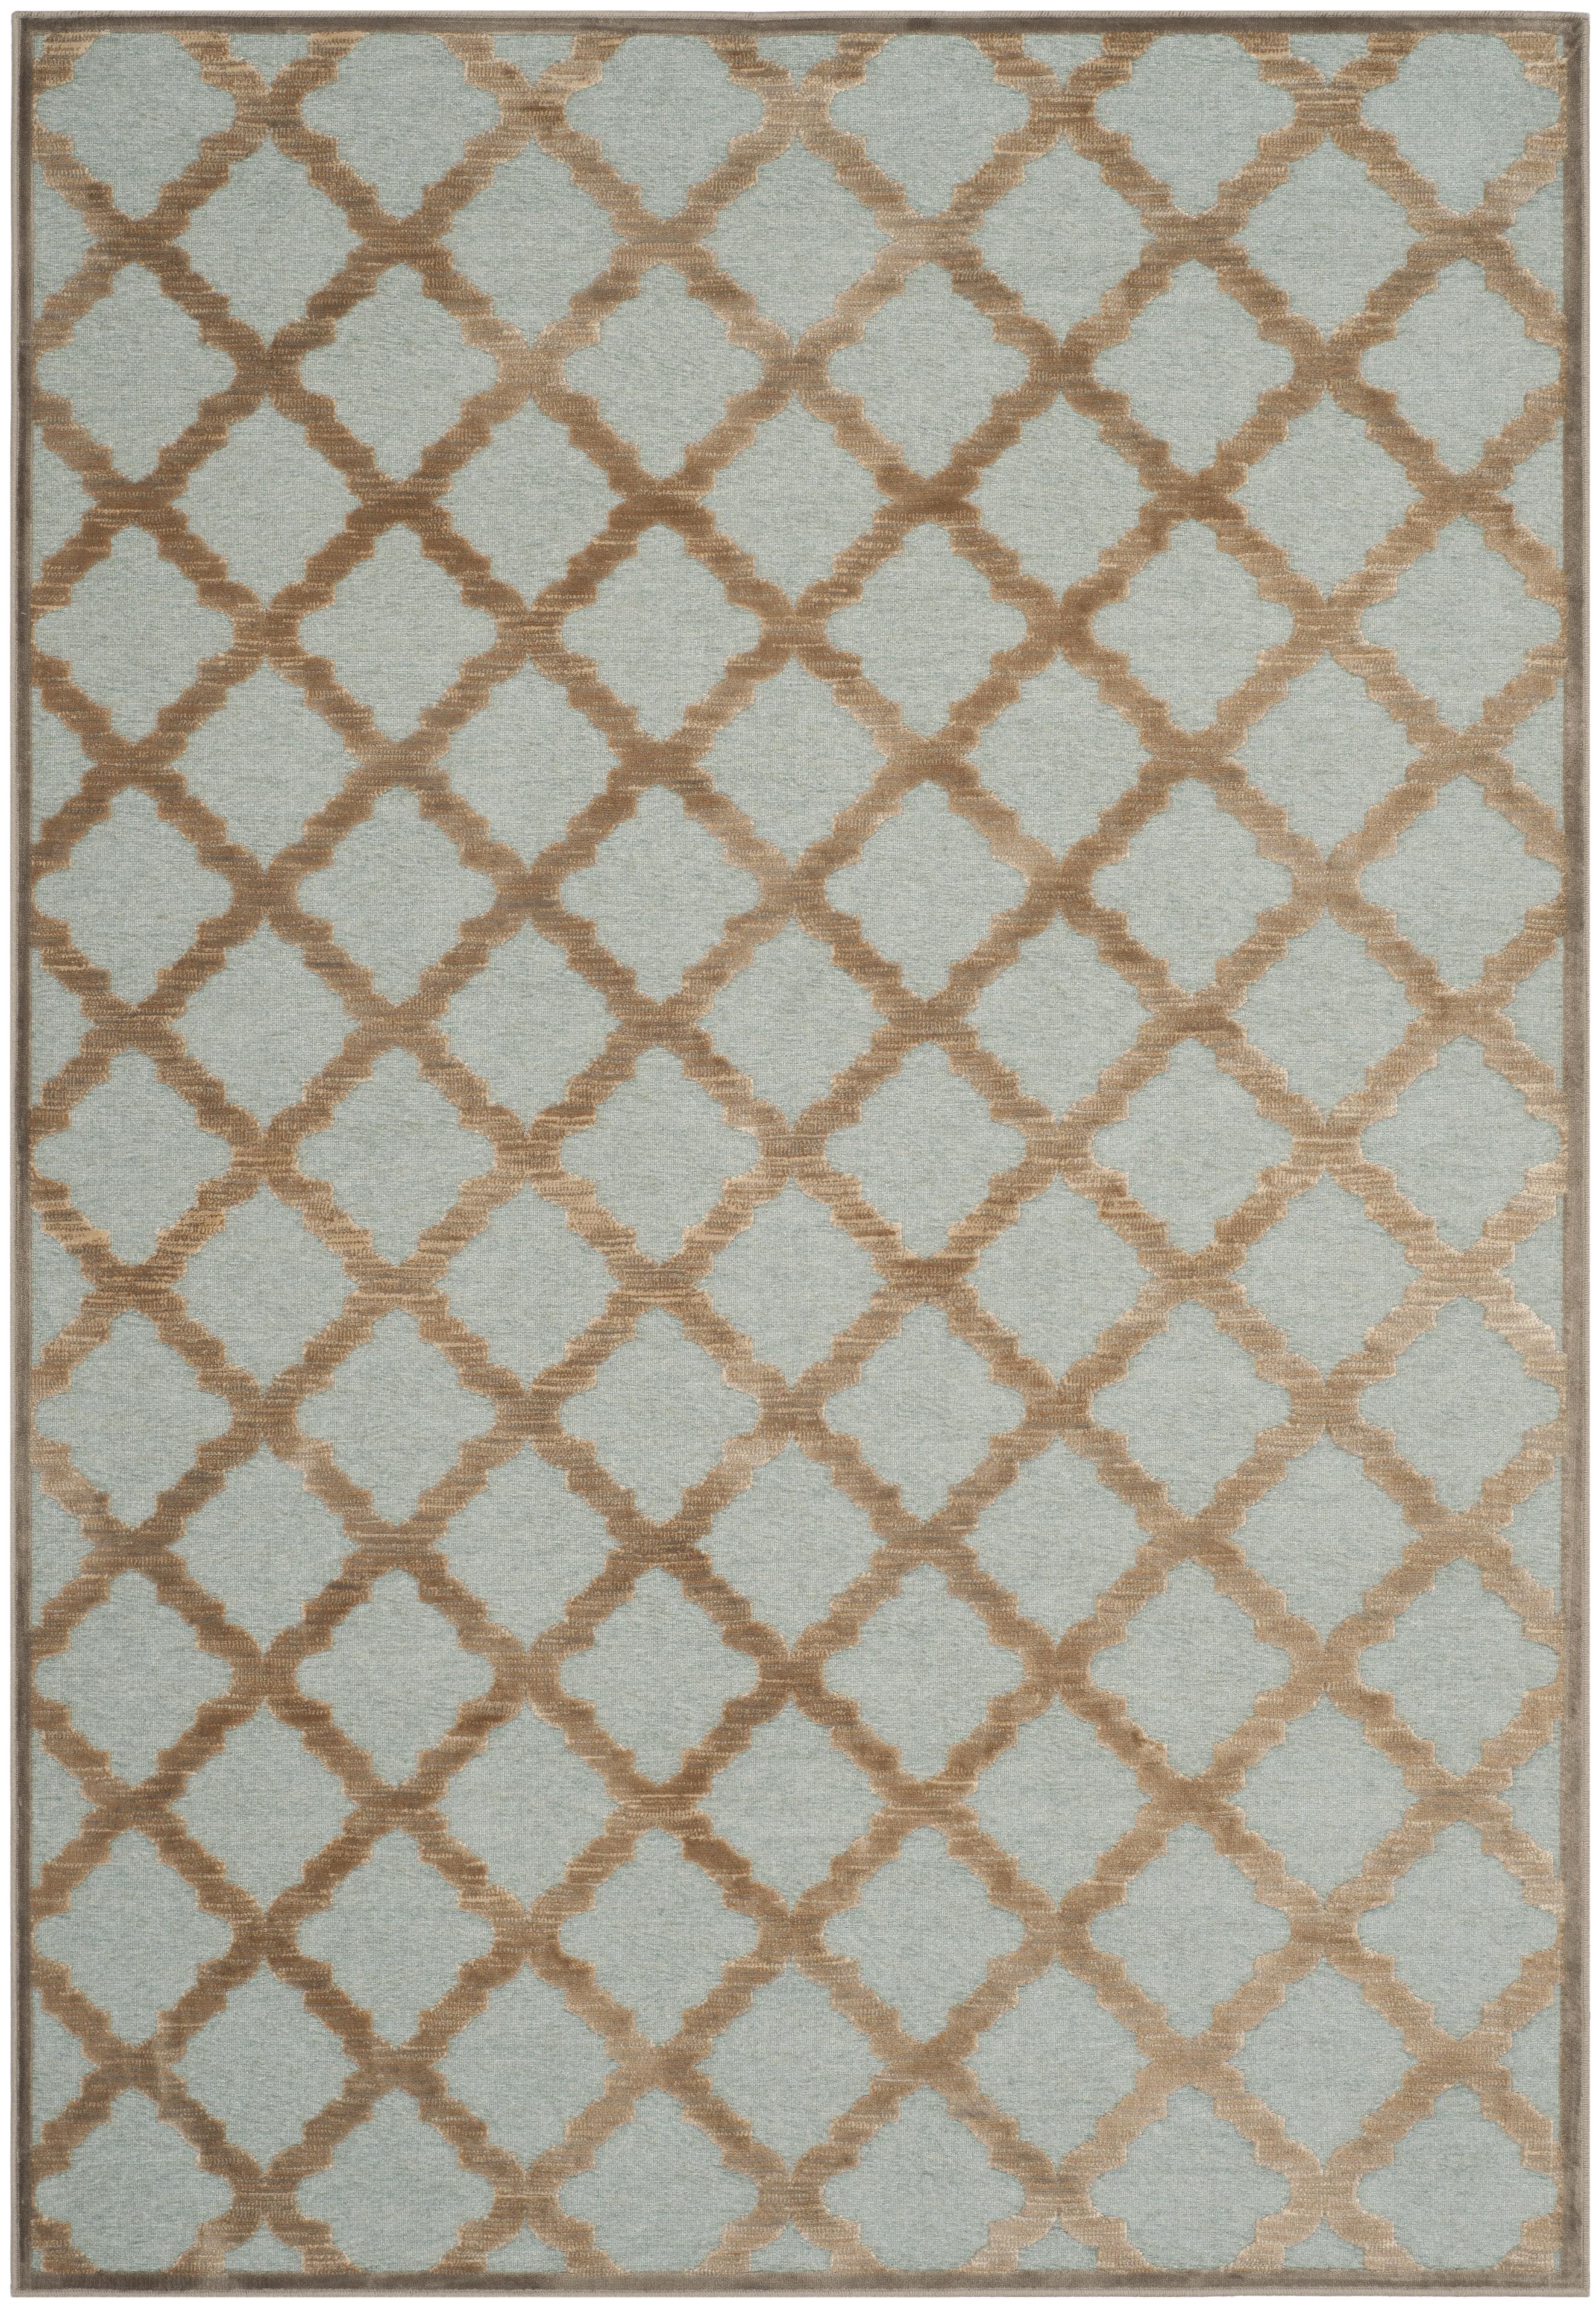 Tapis de salon d'inspiration vintage beige et turquoise 120x170